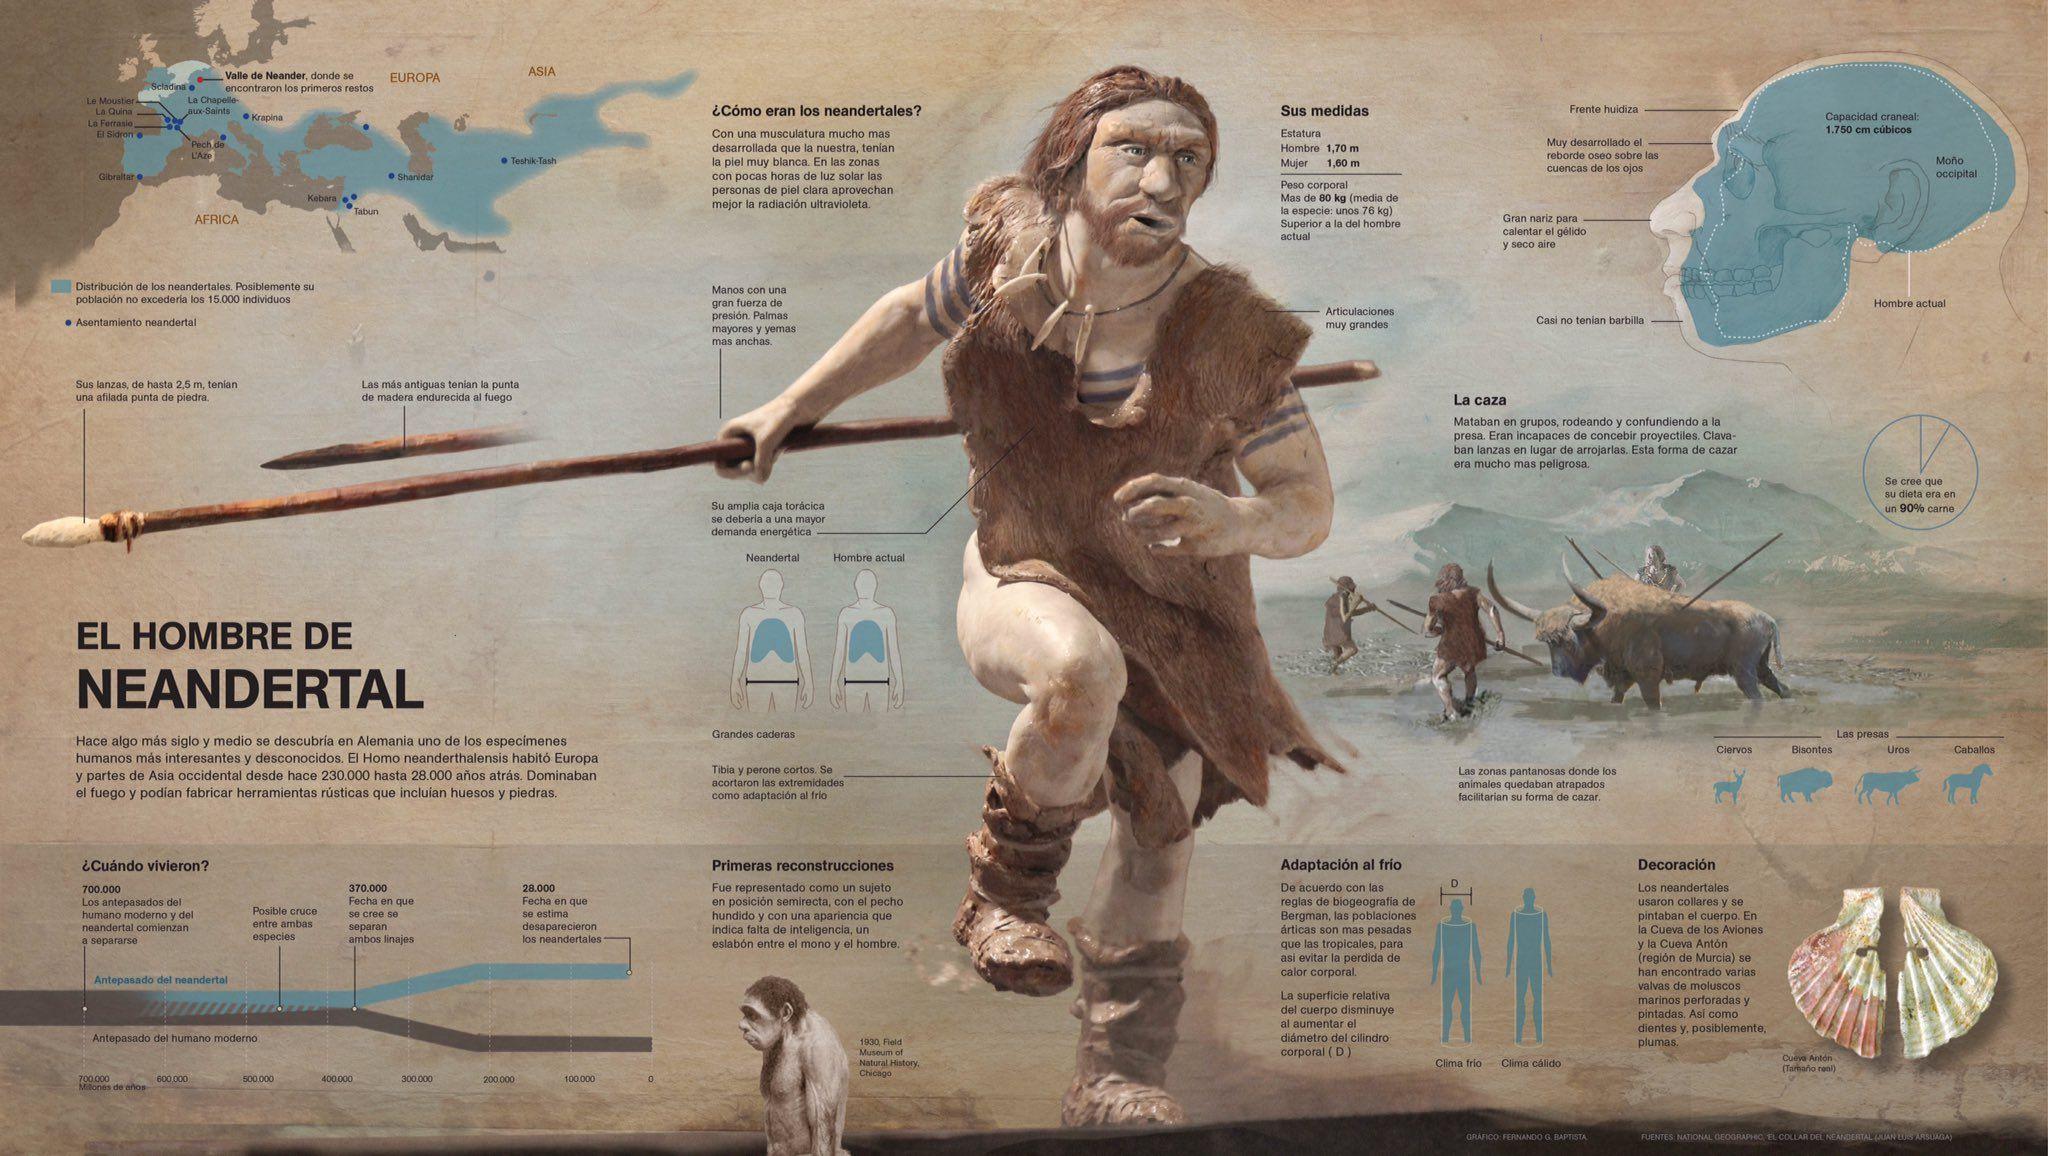 El hombre de Neandertal.